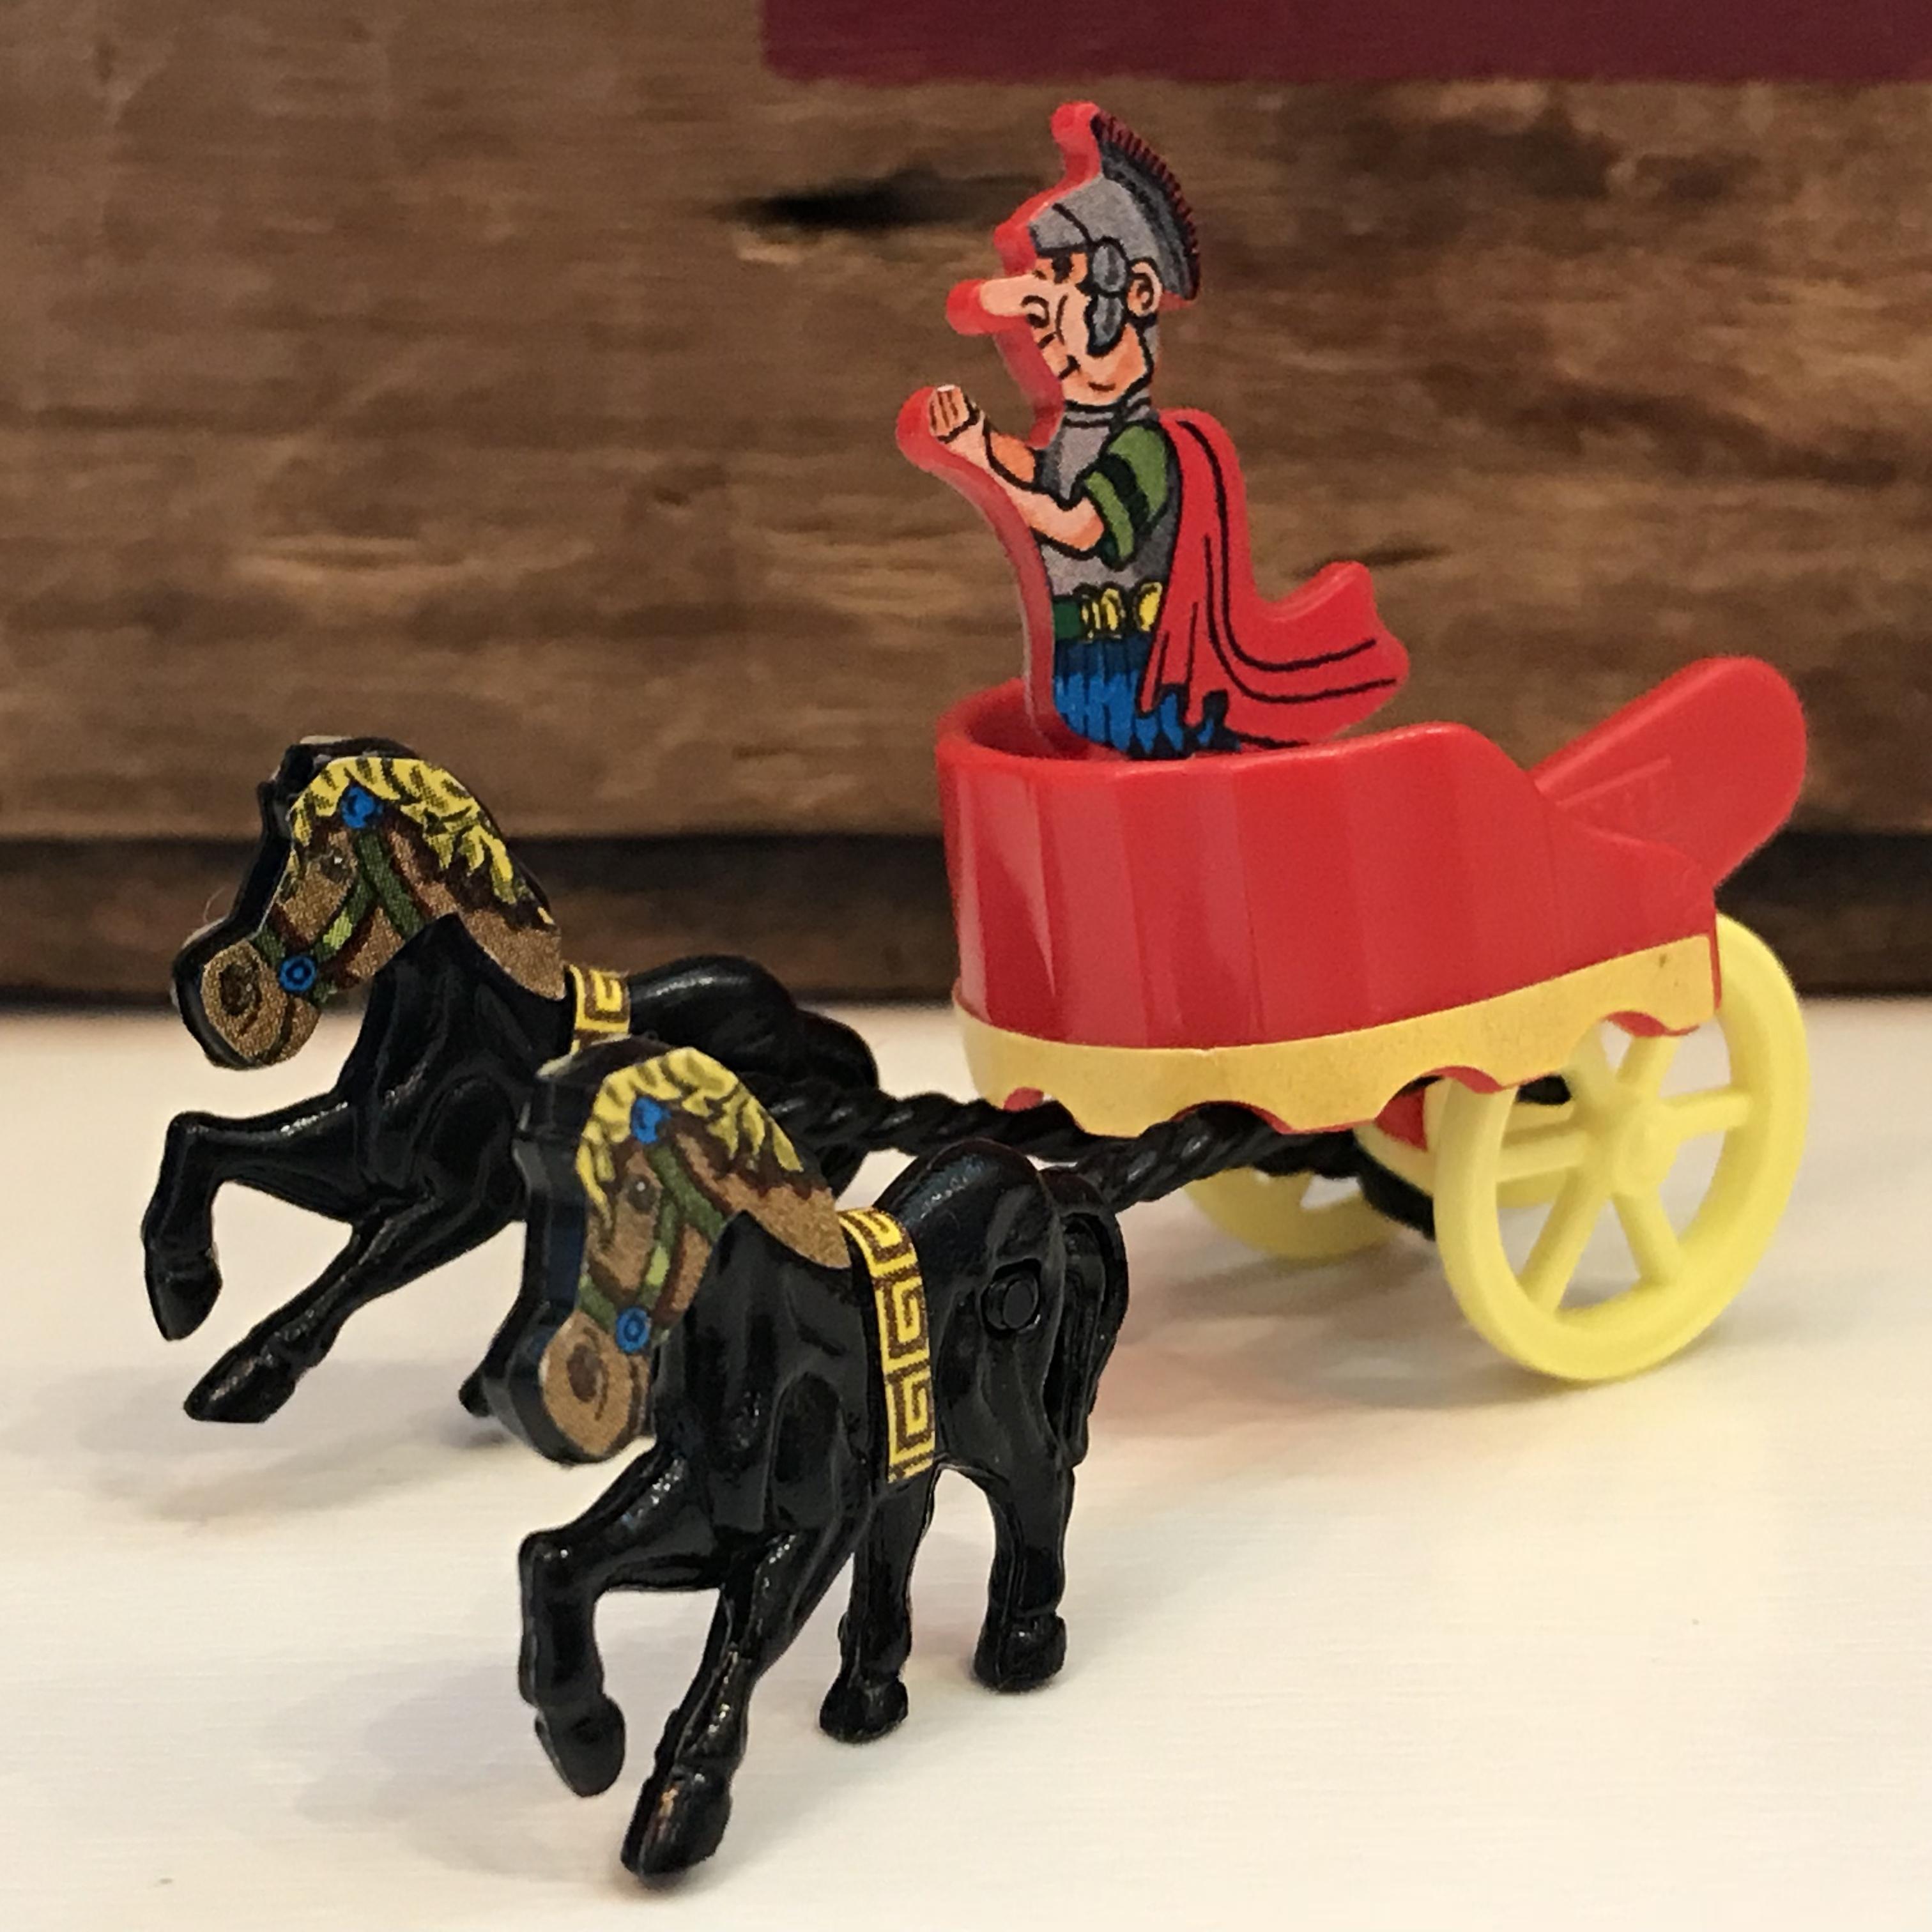 キンダーサプライズ 中世の騎士と馬 フィギュア